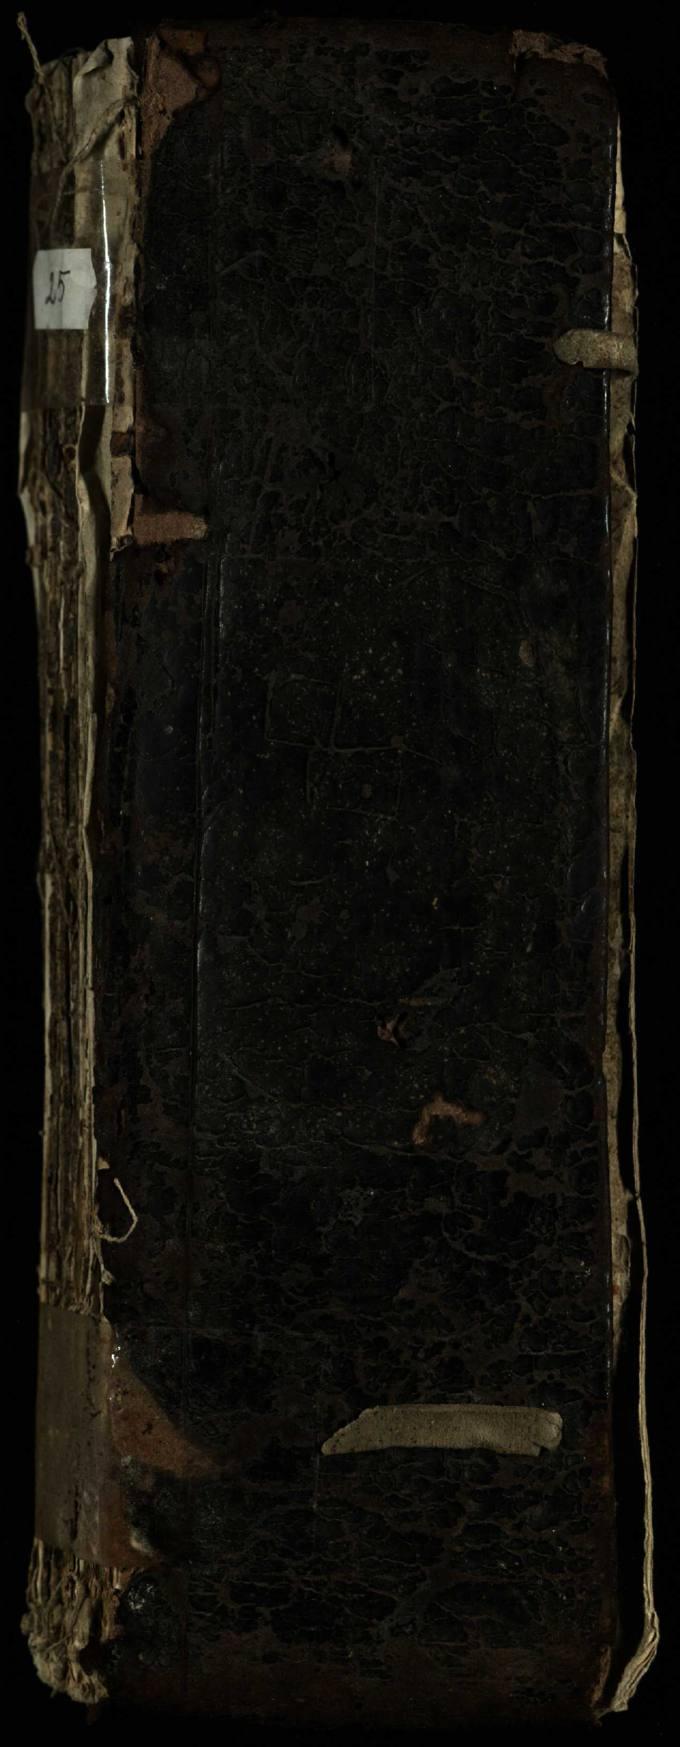 Vaškų (Konstantinavo) Romos katalikų parapijos bažnyčios 1755–1779 metų krikšto metrikų knyga